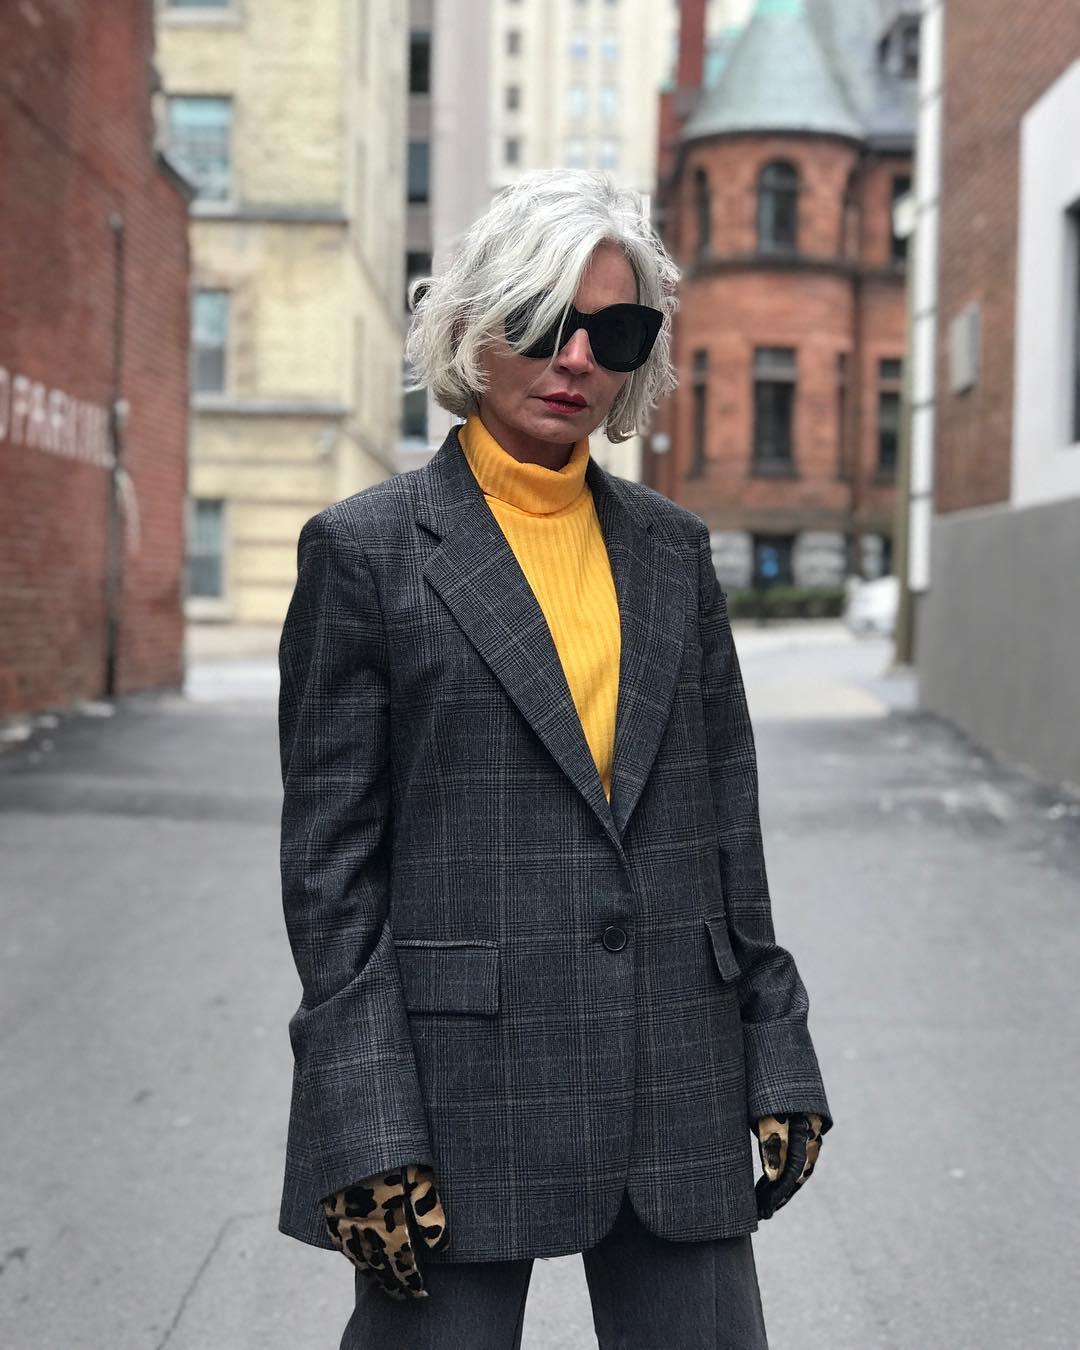 thời trang bất chấp tuổi tác của cụ bà tuổi 52 8